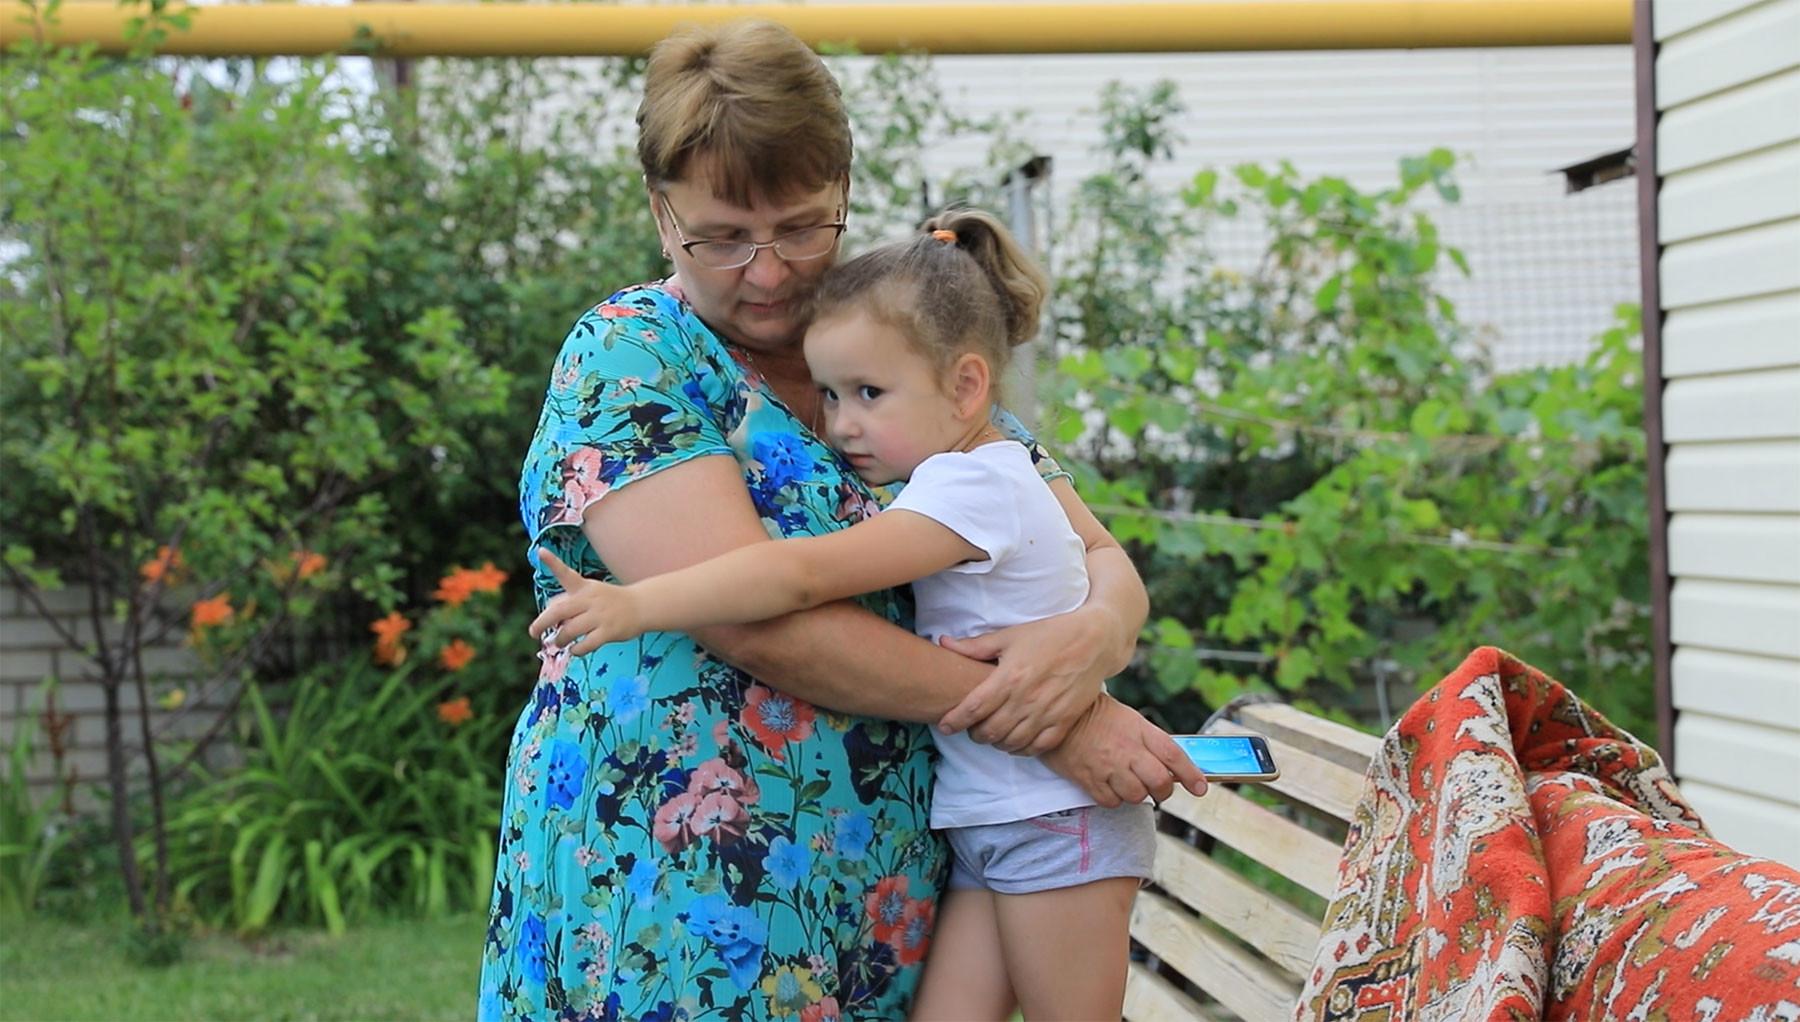 Мама погибшей Надежда Семко с внучкой. Фото: © L!FE